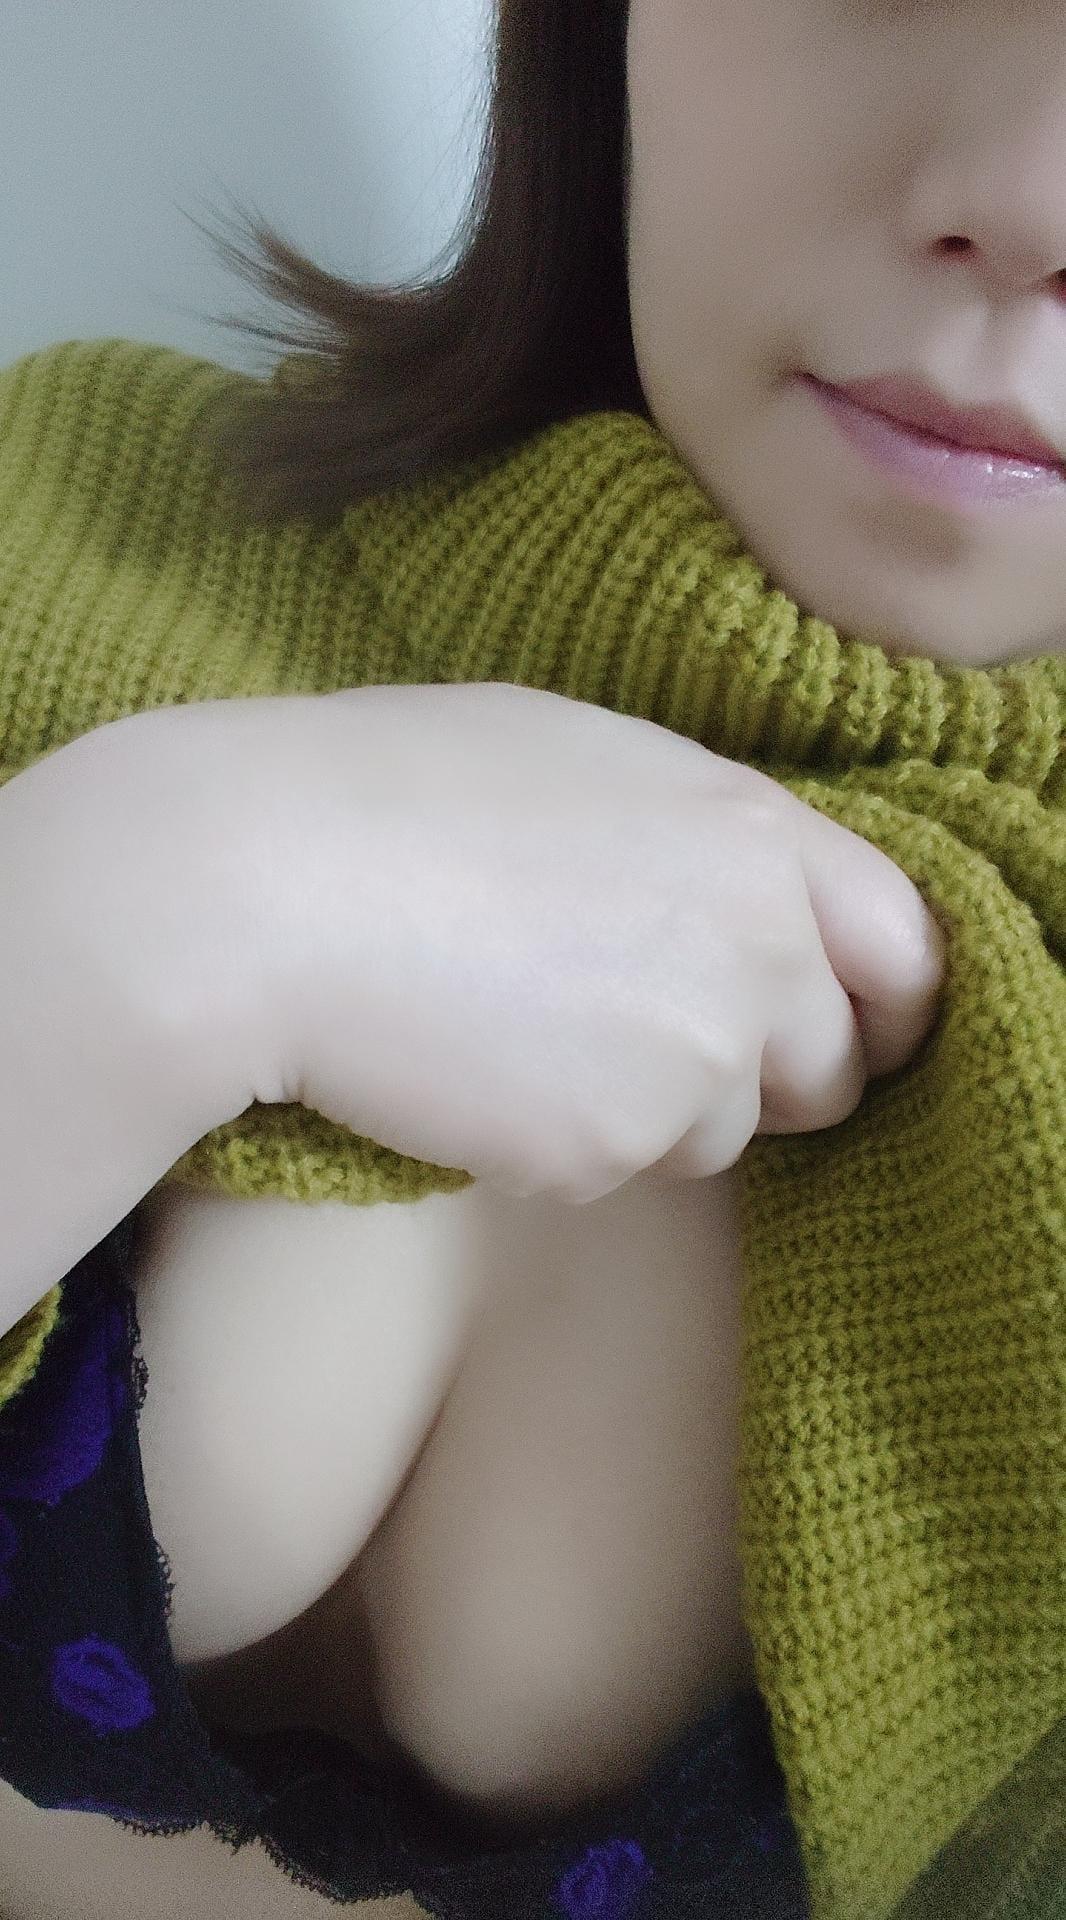 「出勤中です(^-^)v」12/12(12/12) 22:10 | 大宮の妻の写メ・風俗動画